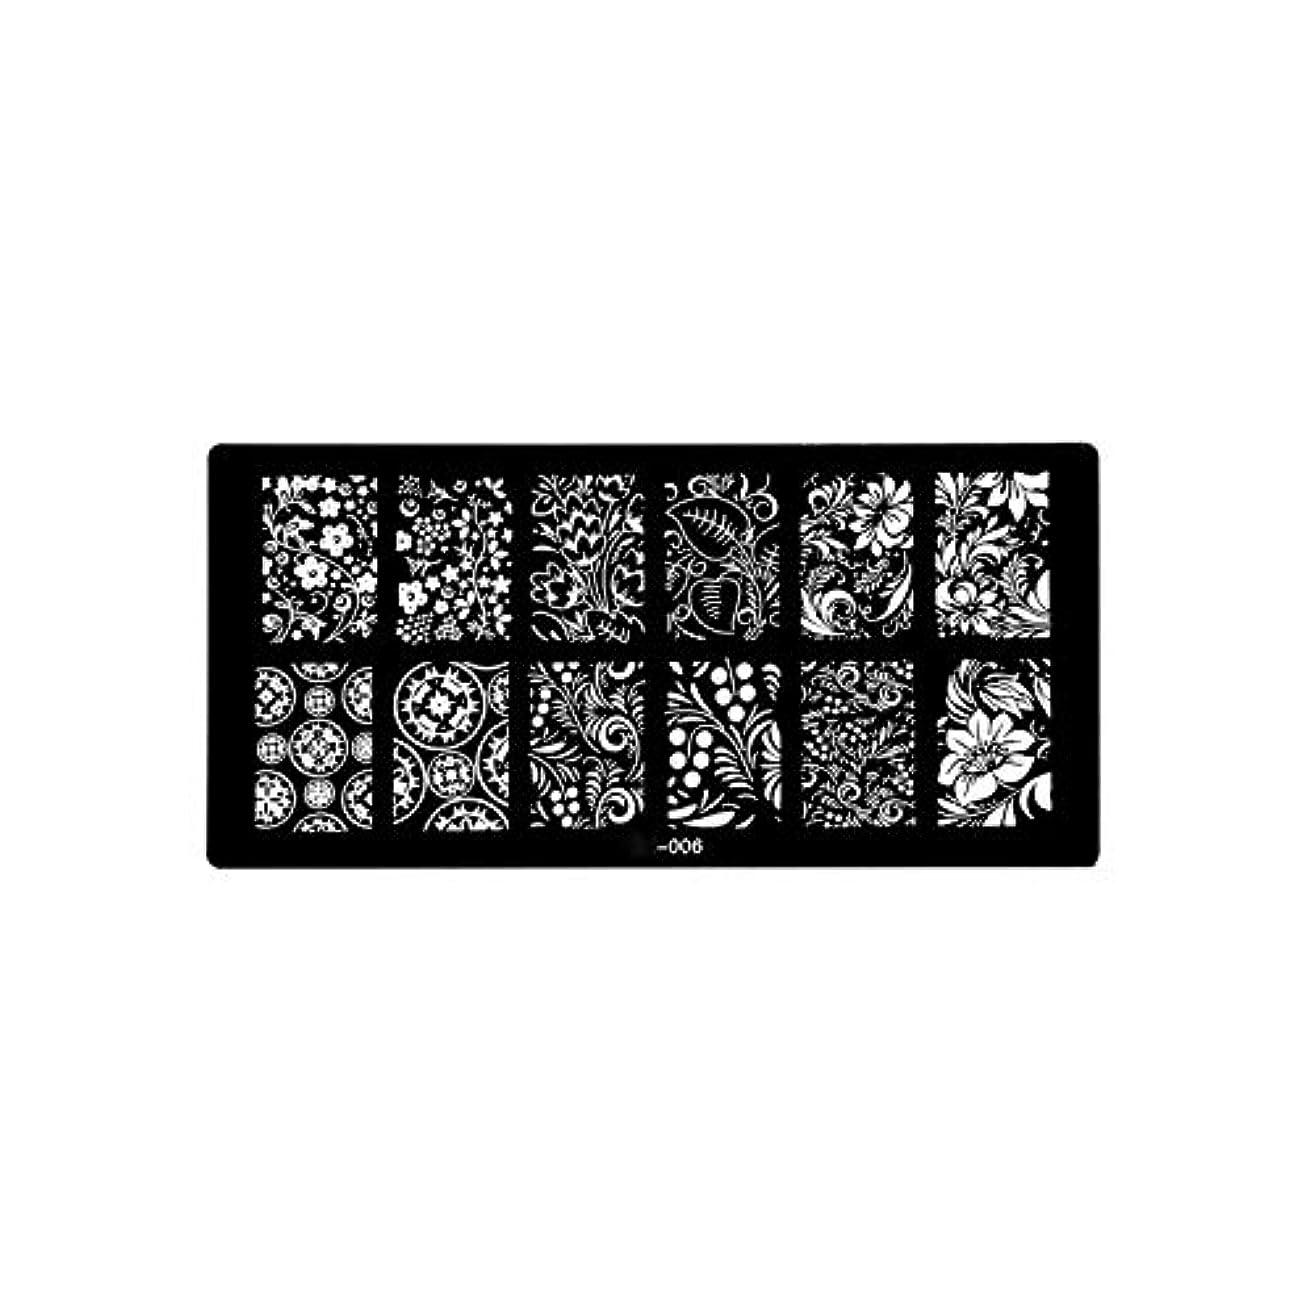 気まぐれな付属品パラダイス1ピース6 * 12センチbcnシリーズネイルスタンピングプレート画像ネイルステンシル用ネイルアートスタンプマニキュアテンプレートツール,BCN006